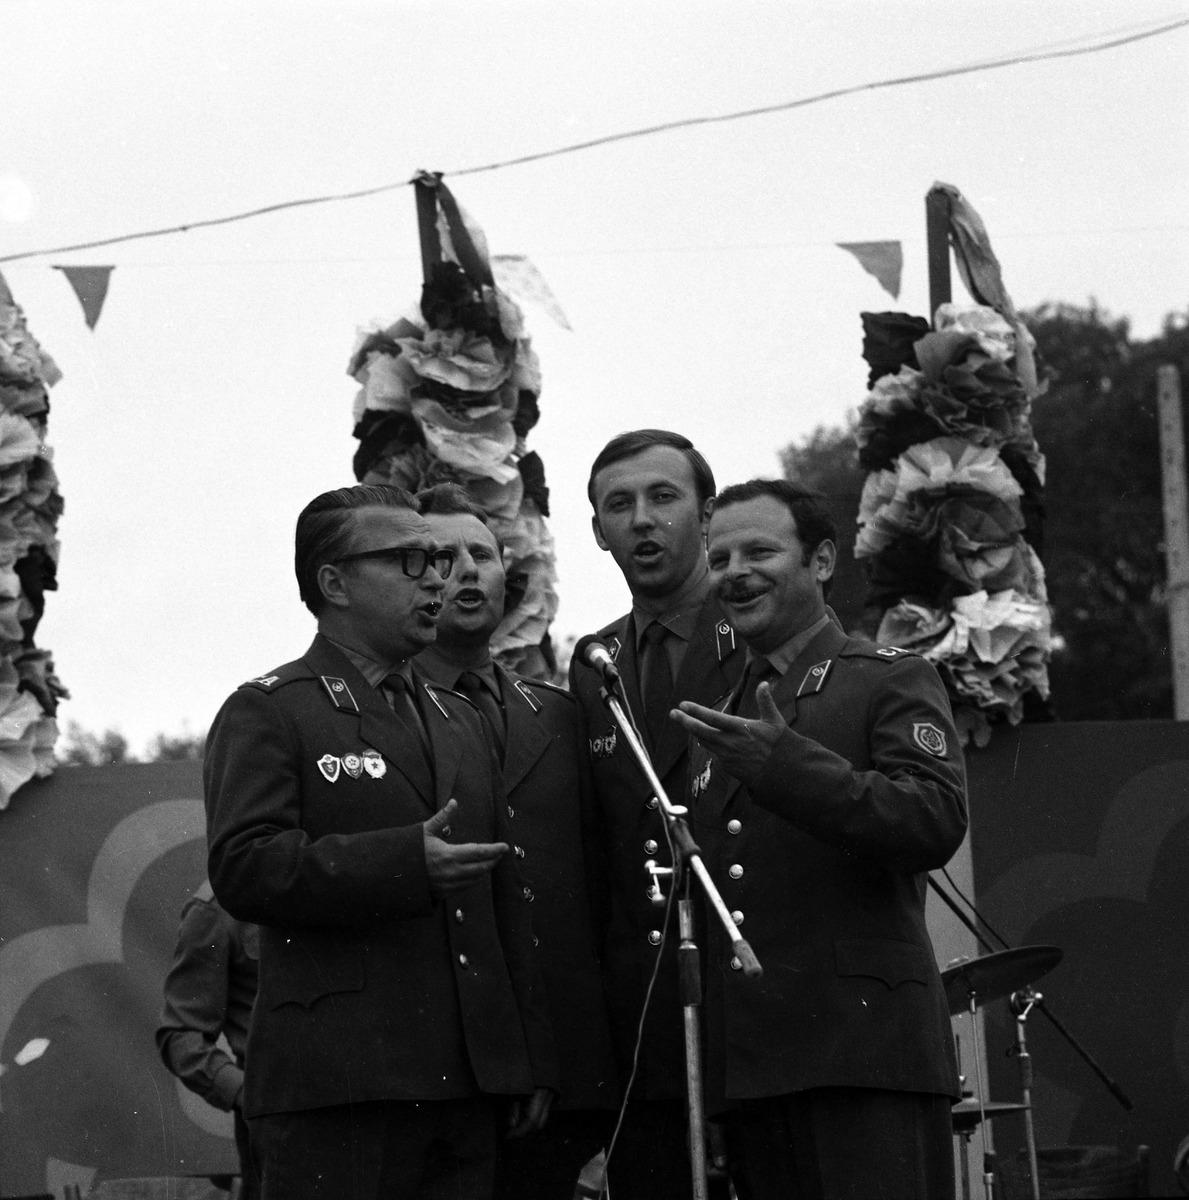 Zespół Pieśni i Tańca Armii Radzieckiej [6]